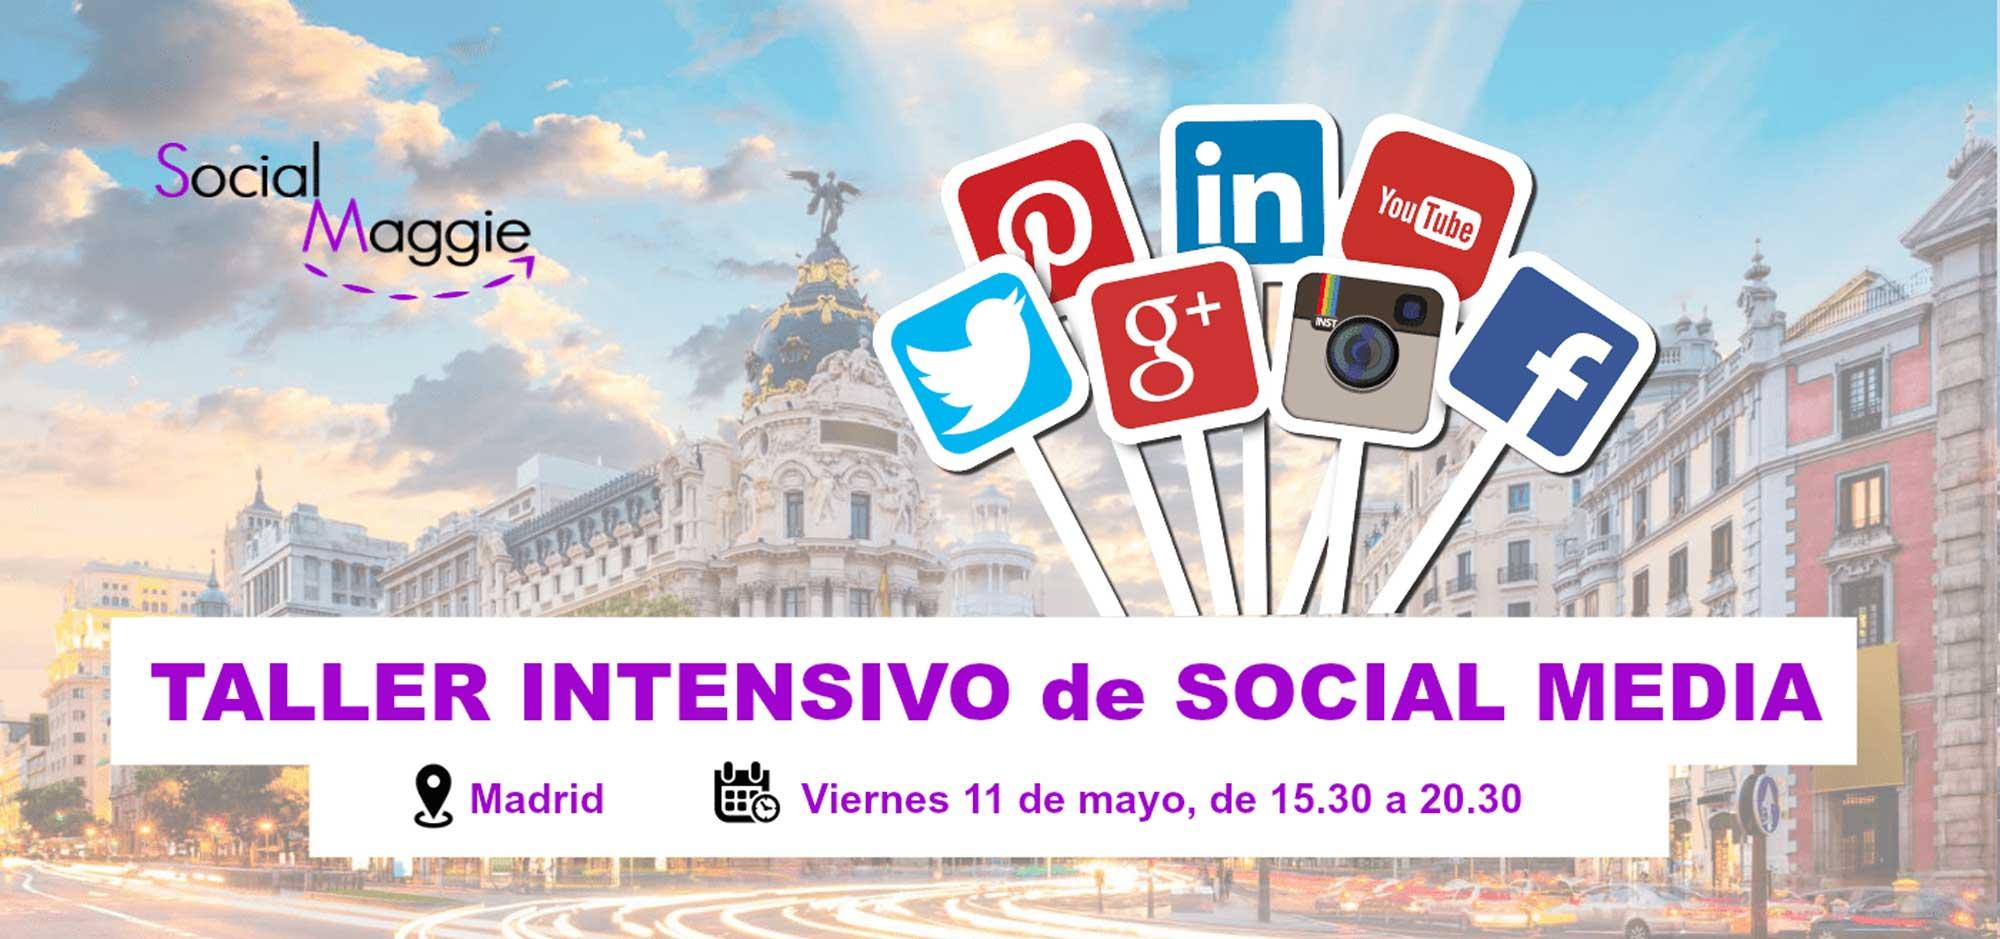 taller-social-media-redes-sociales-madrid-2